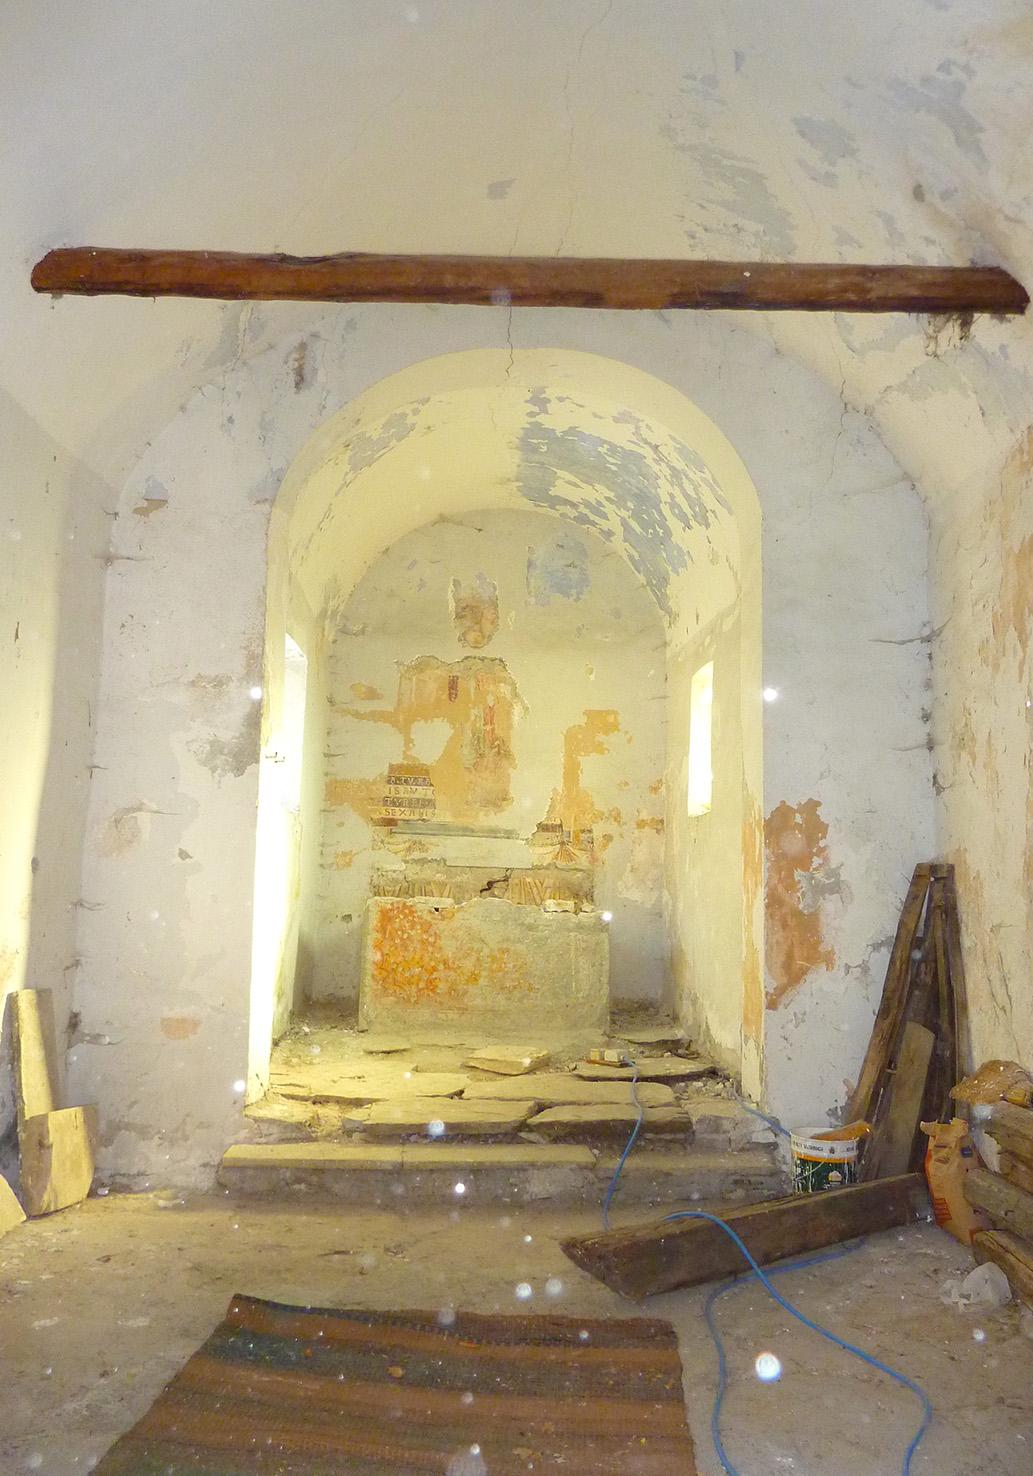 Interno della Cappella di San Michele dell'Abbazia Benedettina della Novalesa (To), prima del restauro, foto © aut. / Abbazia della Novalesa